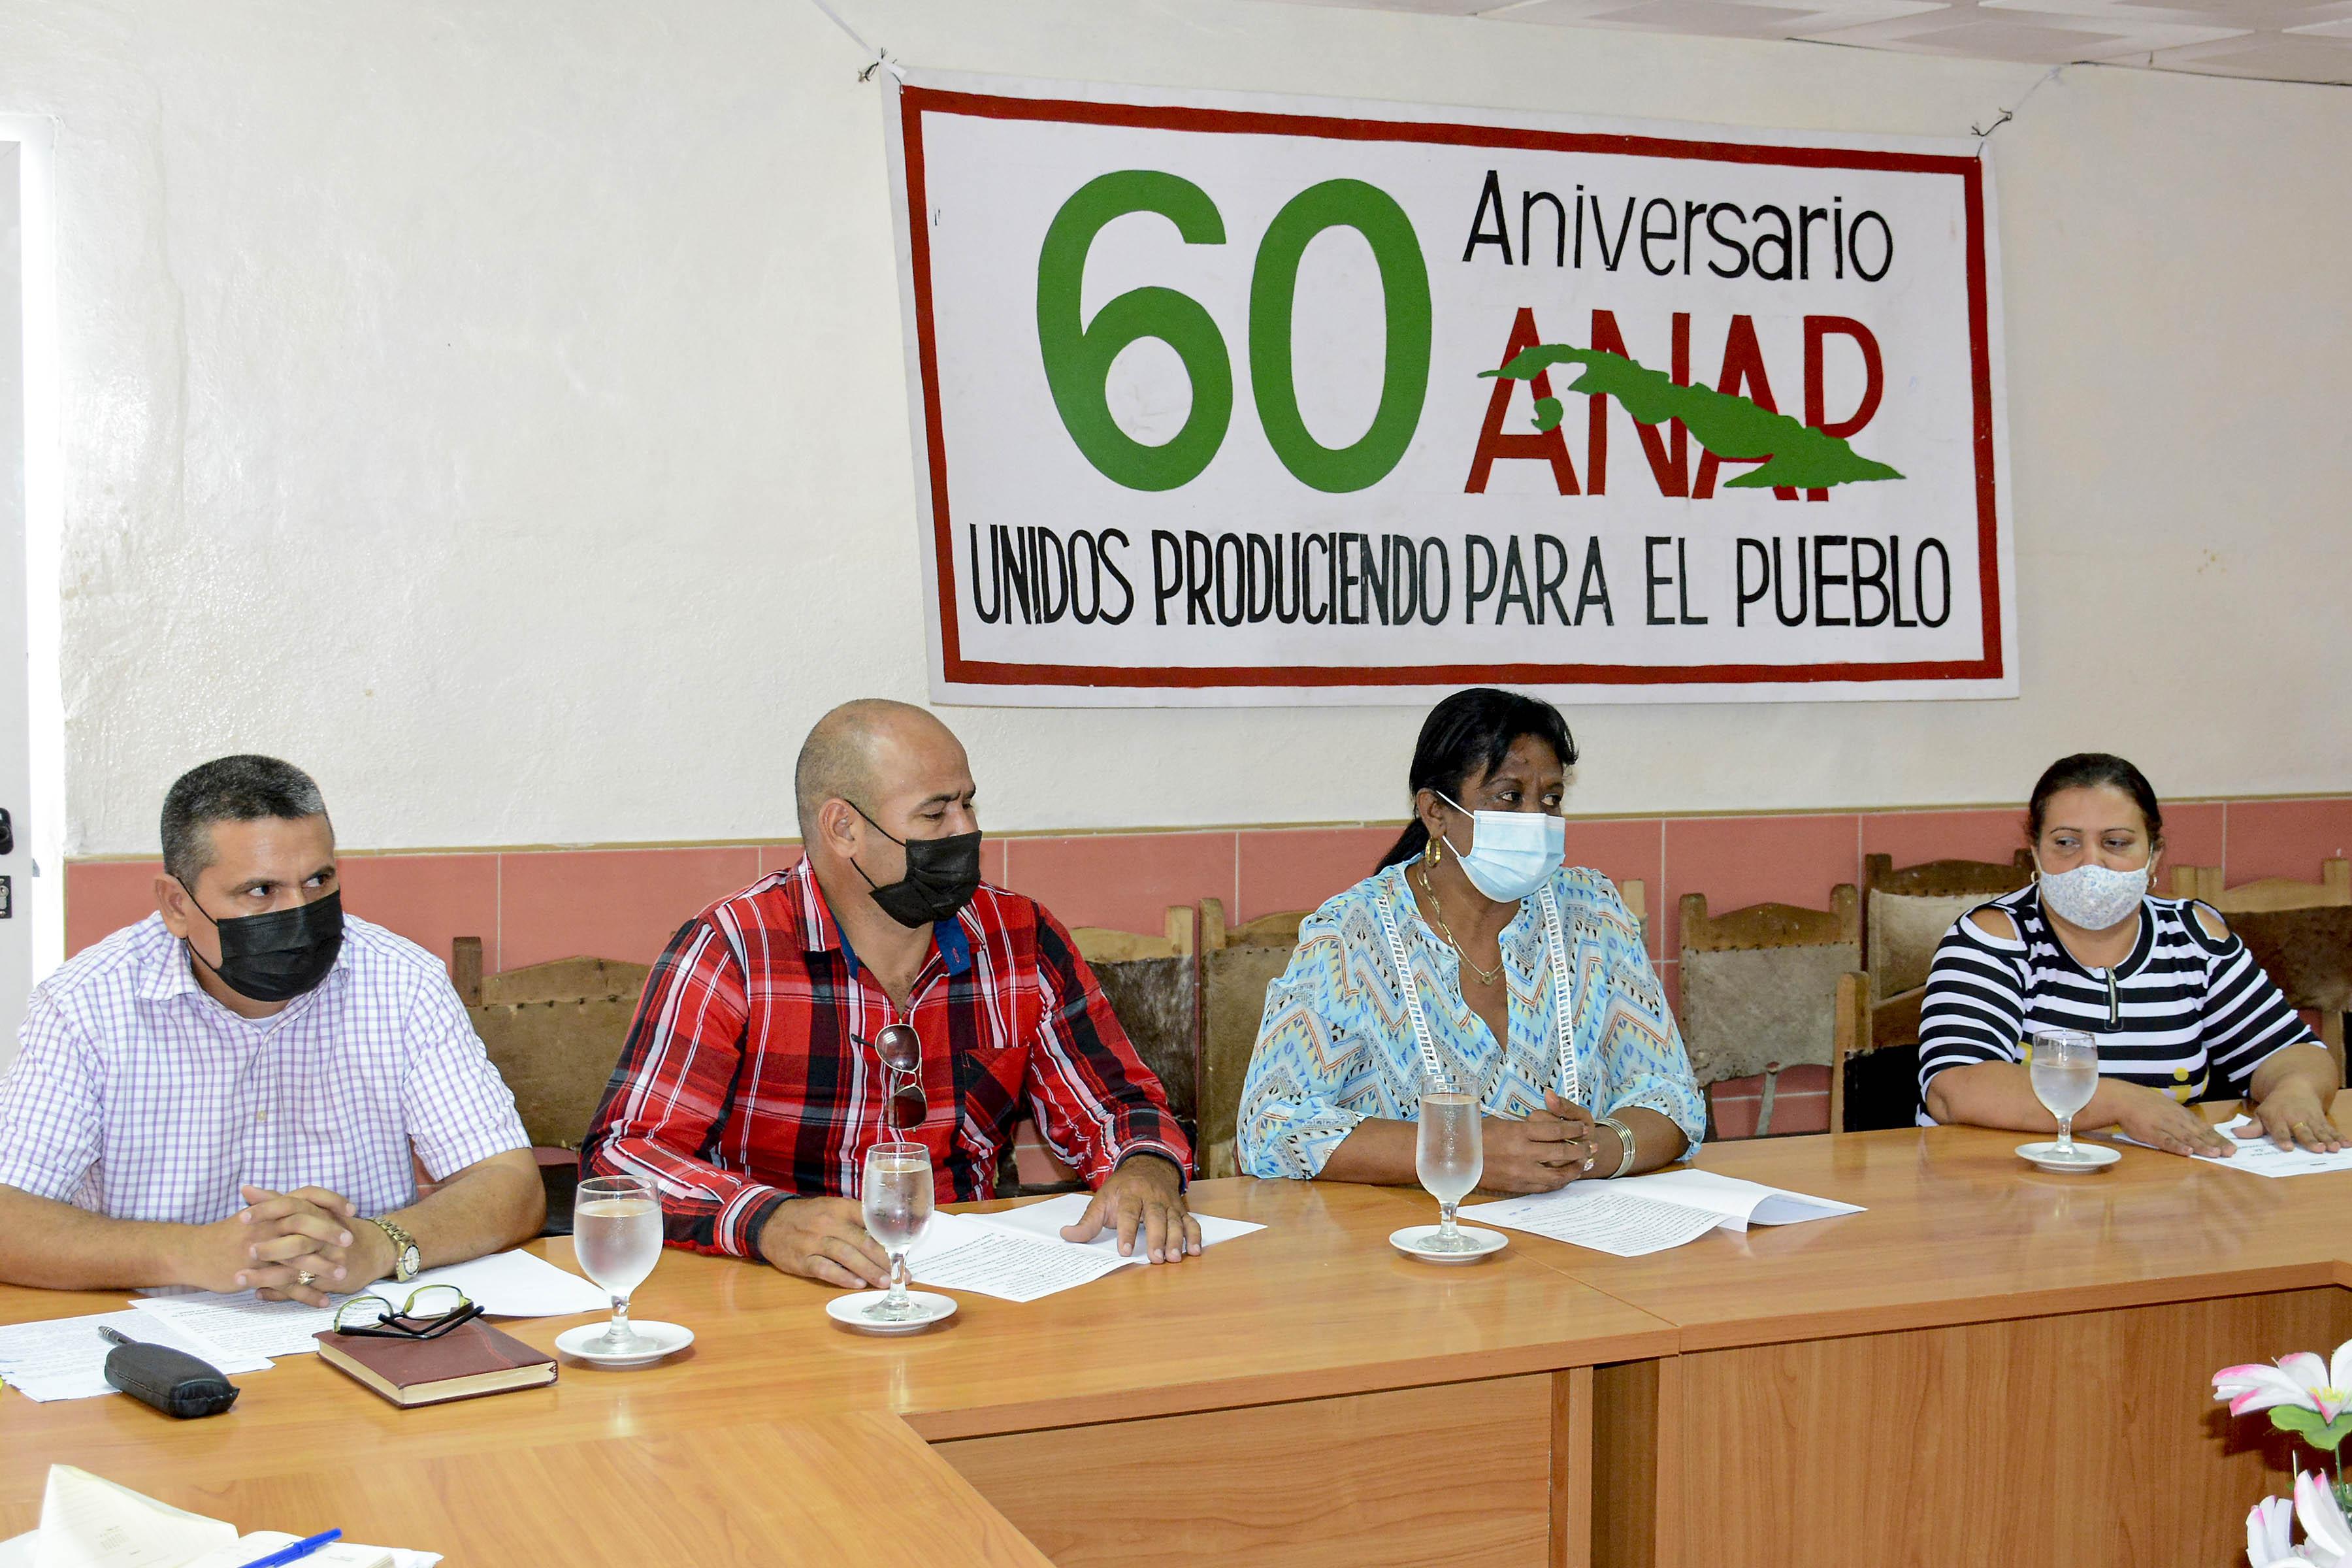 Más fortalecida la Anap en aniversarios campesinos